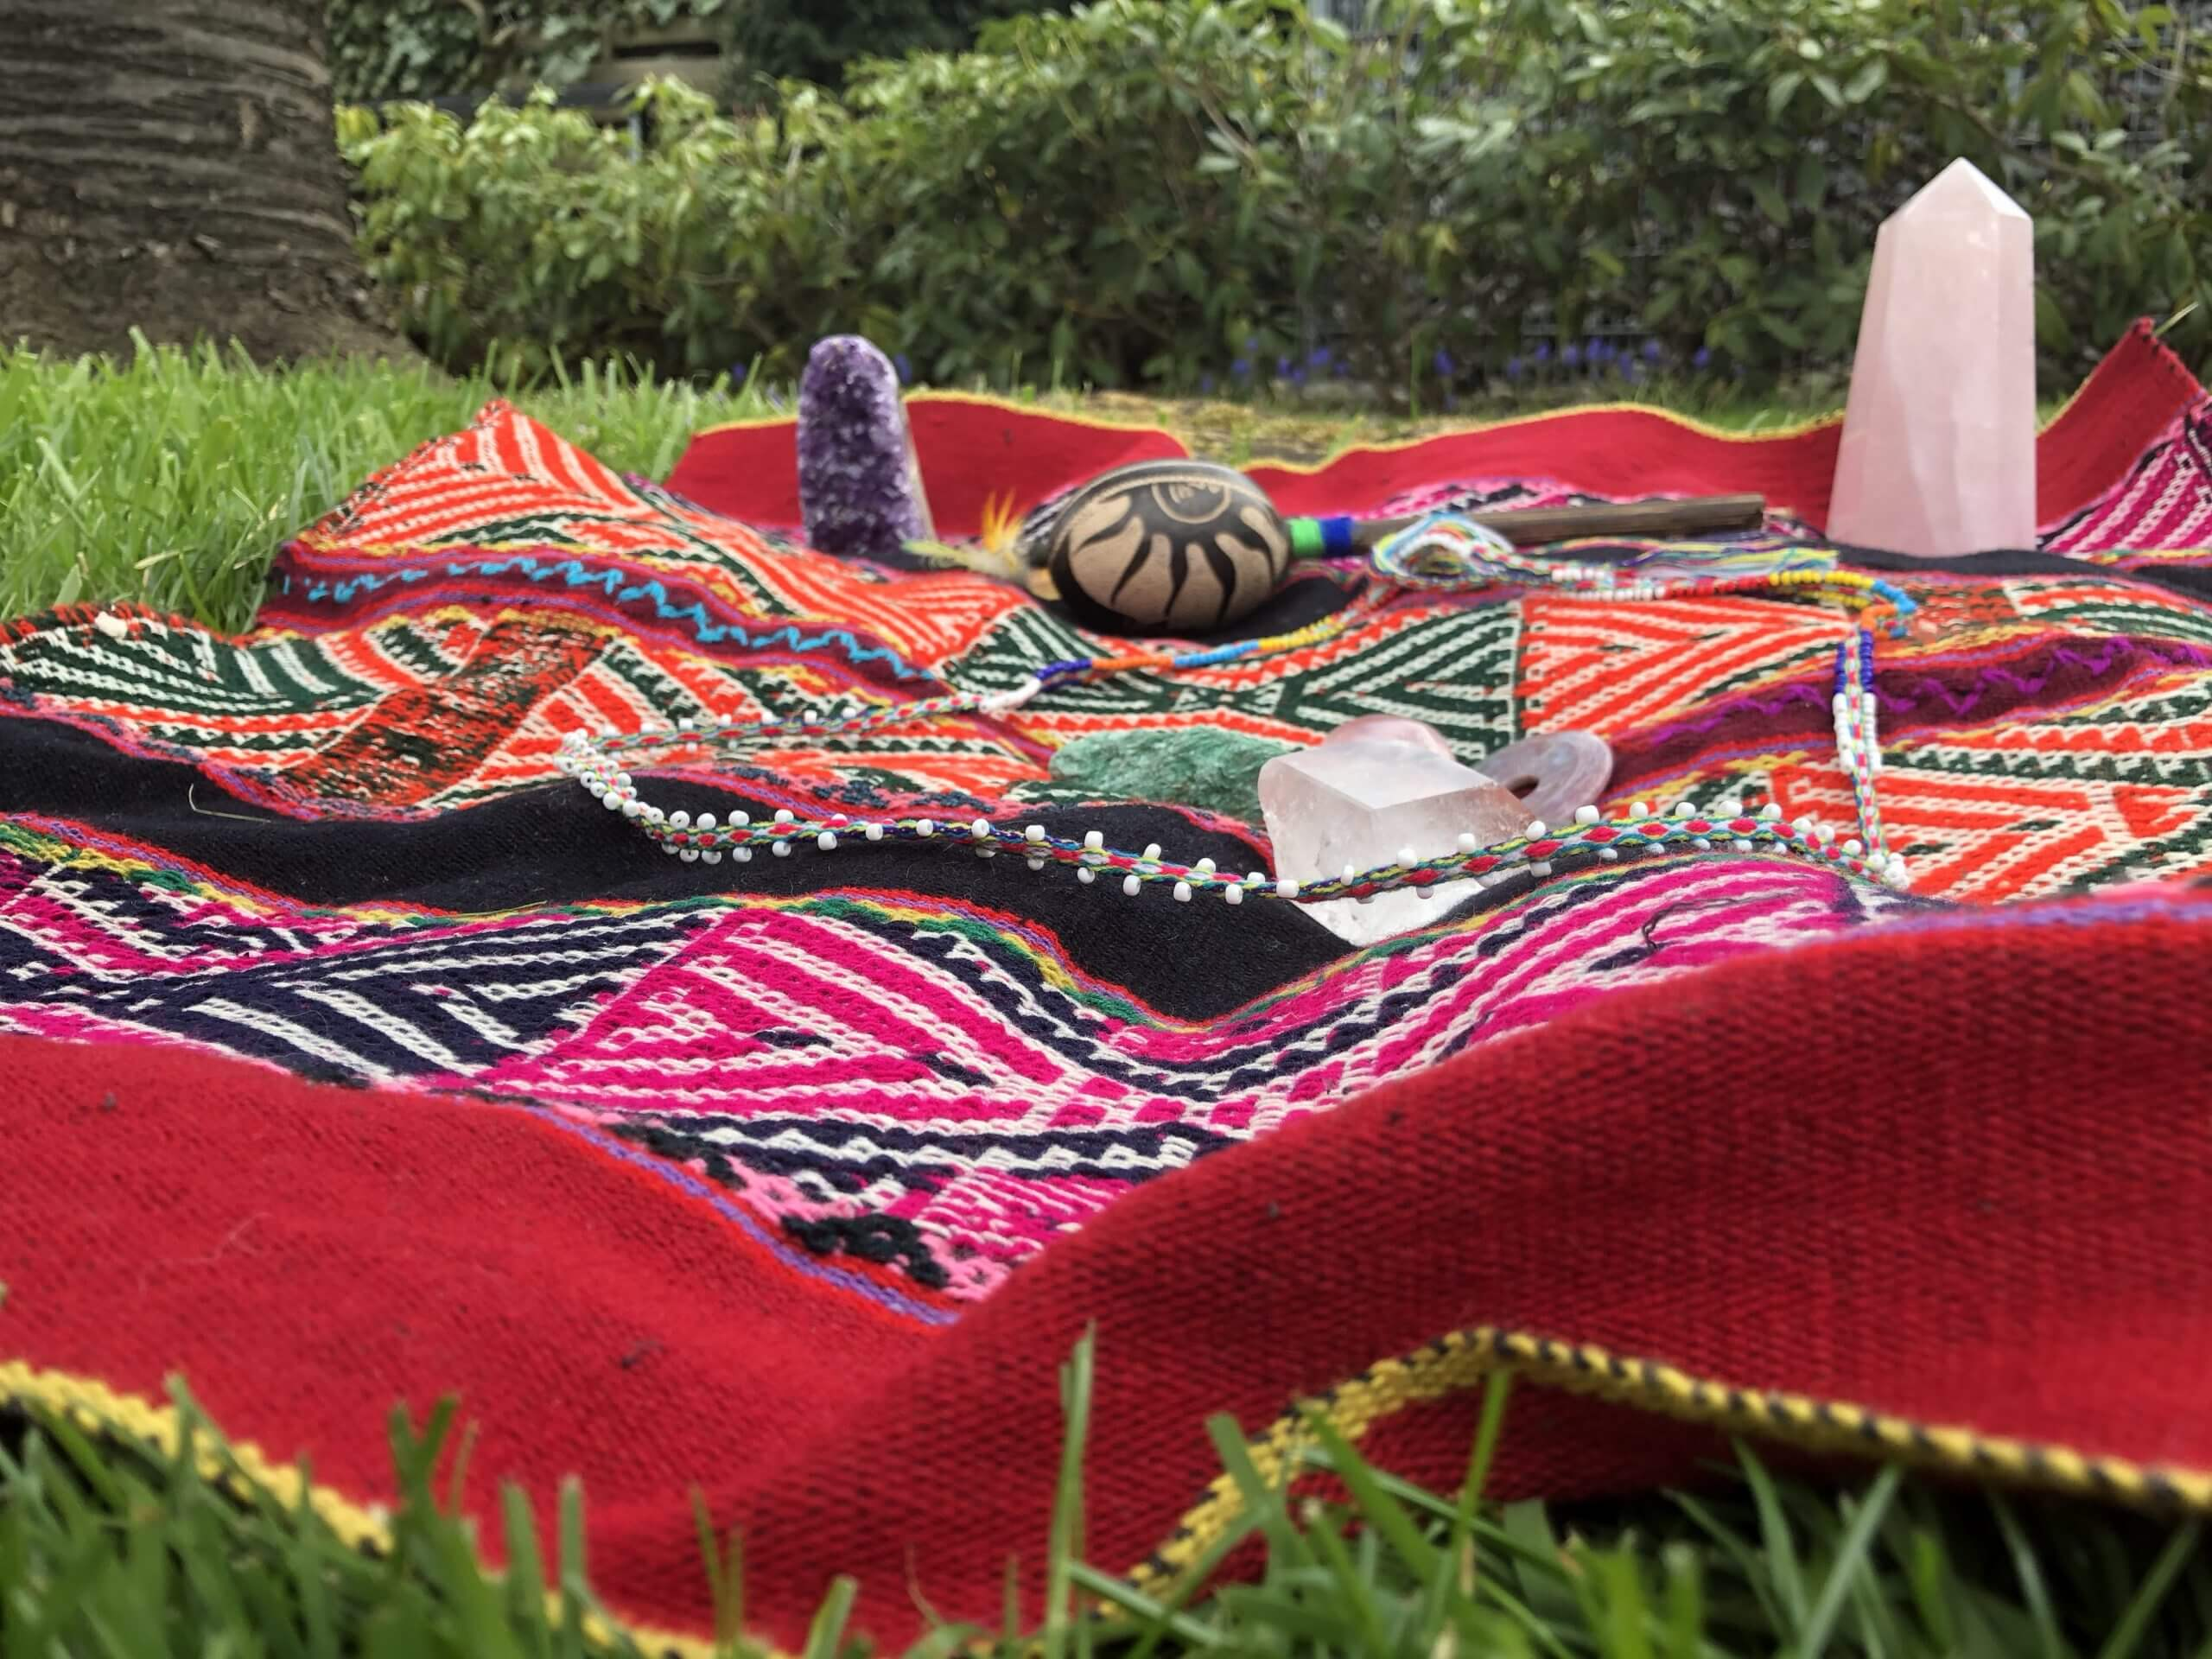 Decke im Garten für den Schamanismus und Energiearbeit